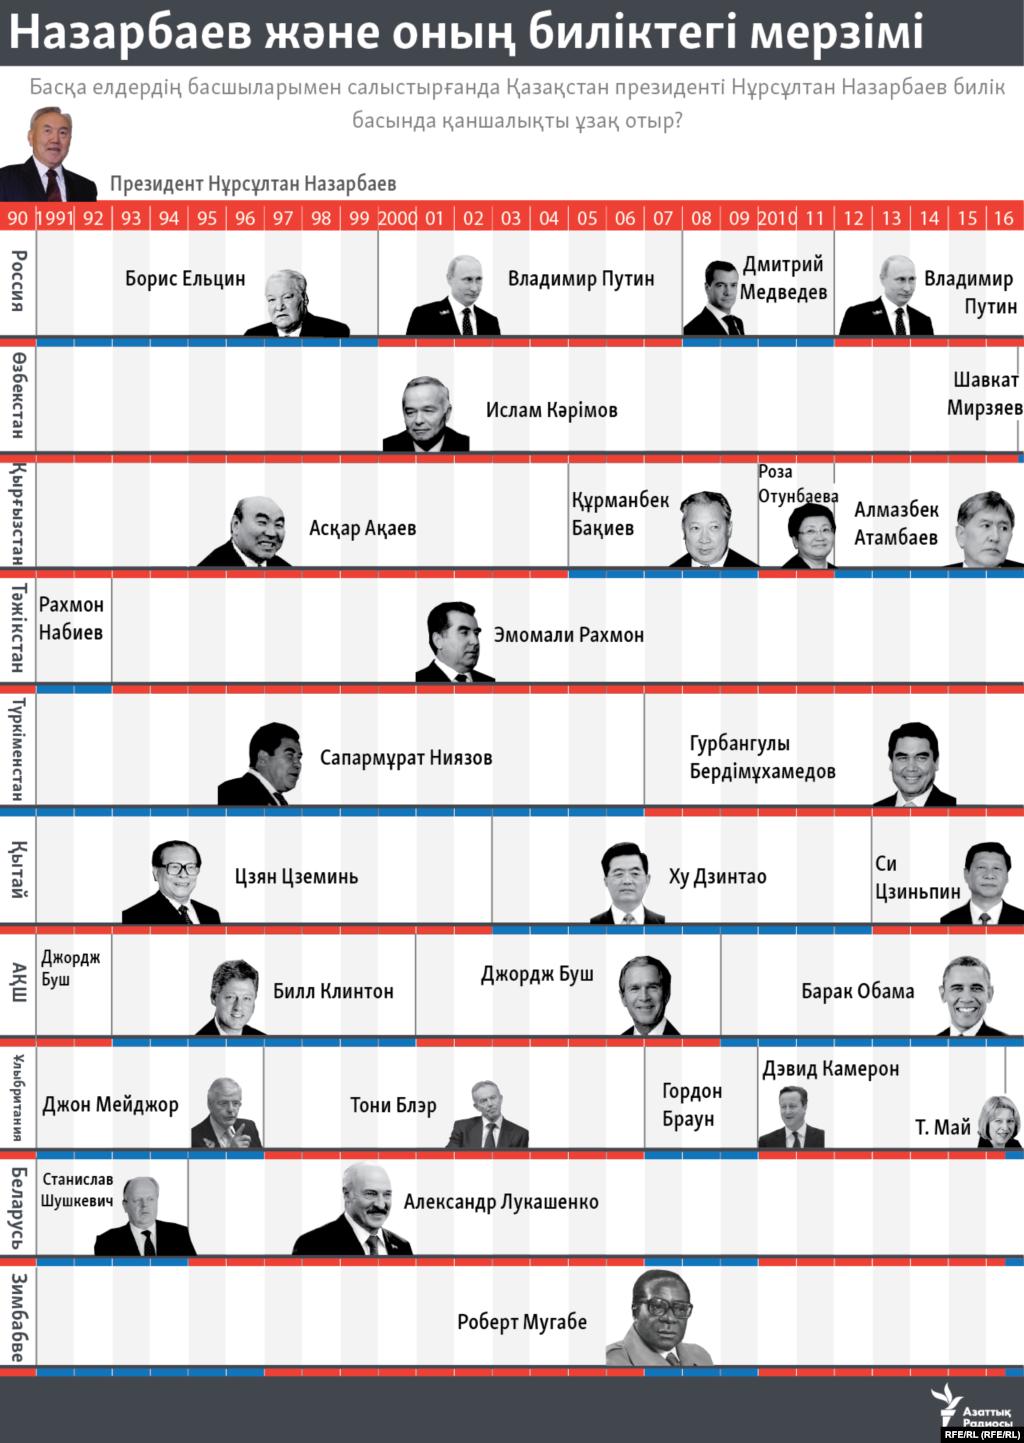 Басқа елдердің басшыларымен салыстырғанда Қазақстан президенті Нұрсұлтан Назарбаев билік басында қаншалықты ұзақ отыр?